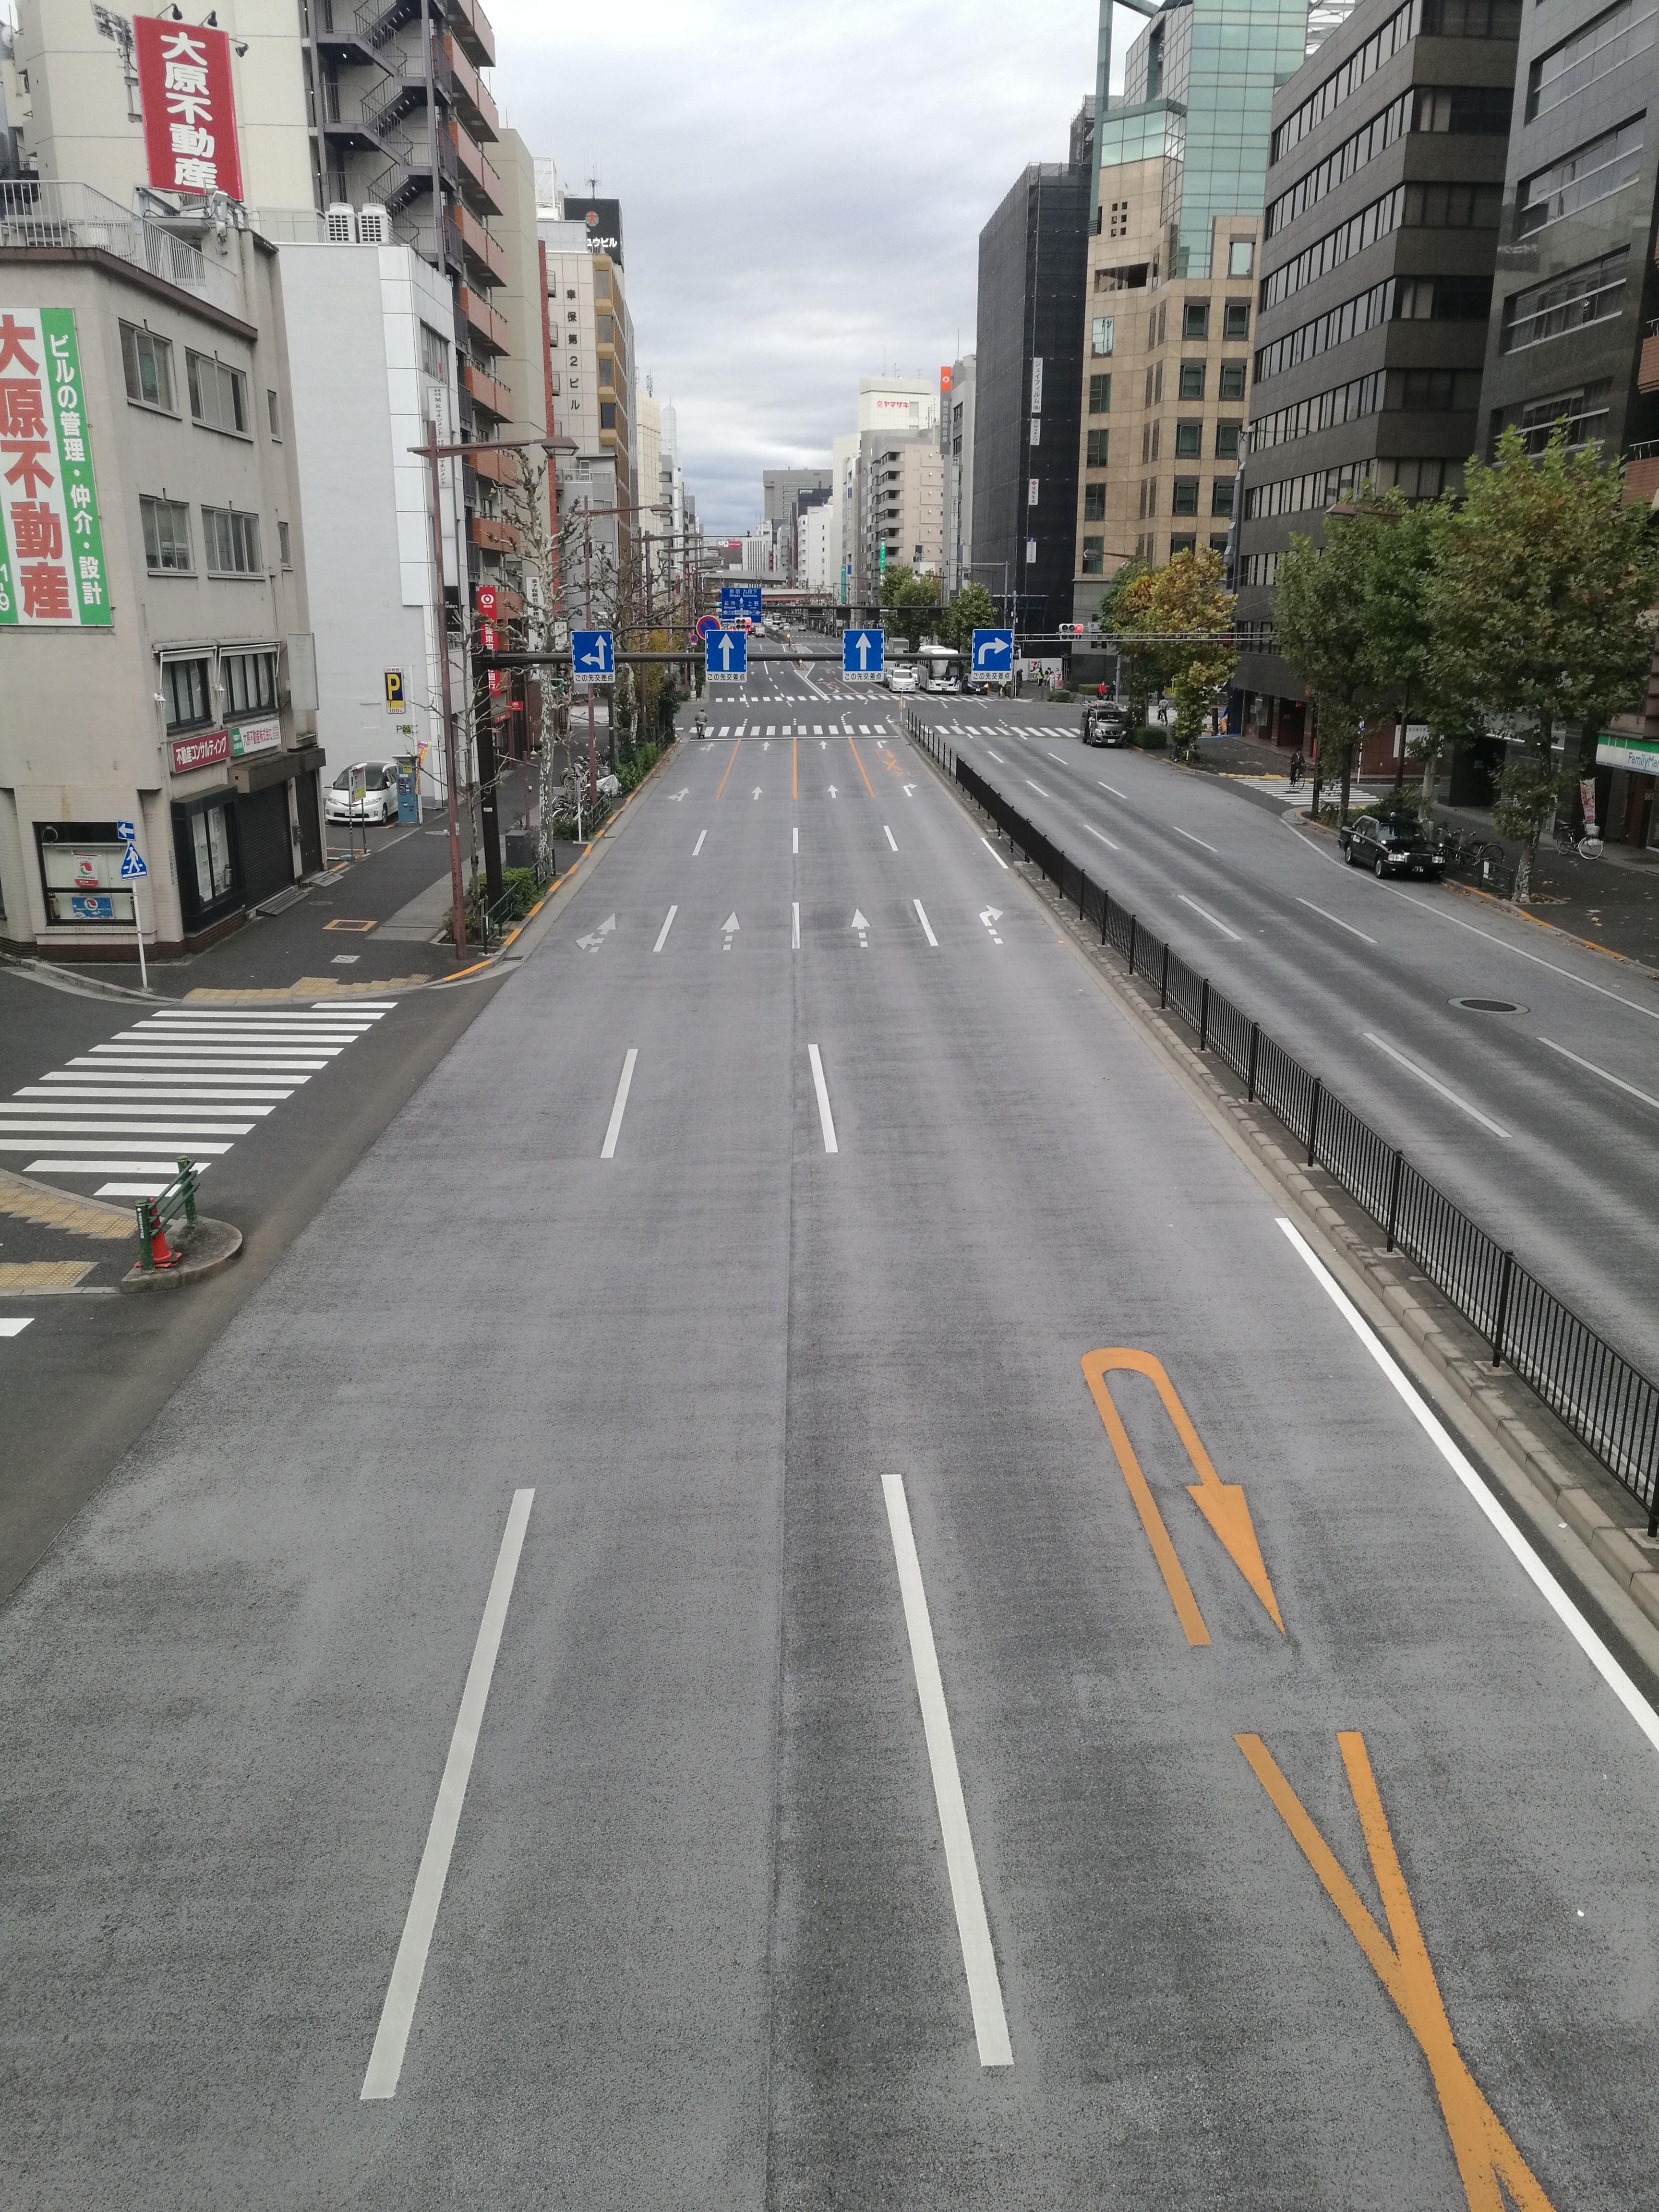 Calle desierta en medio de Tokyo